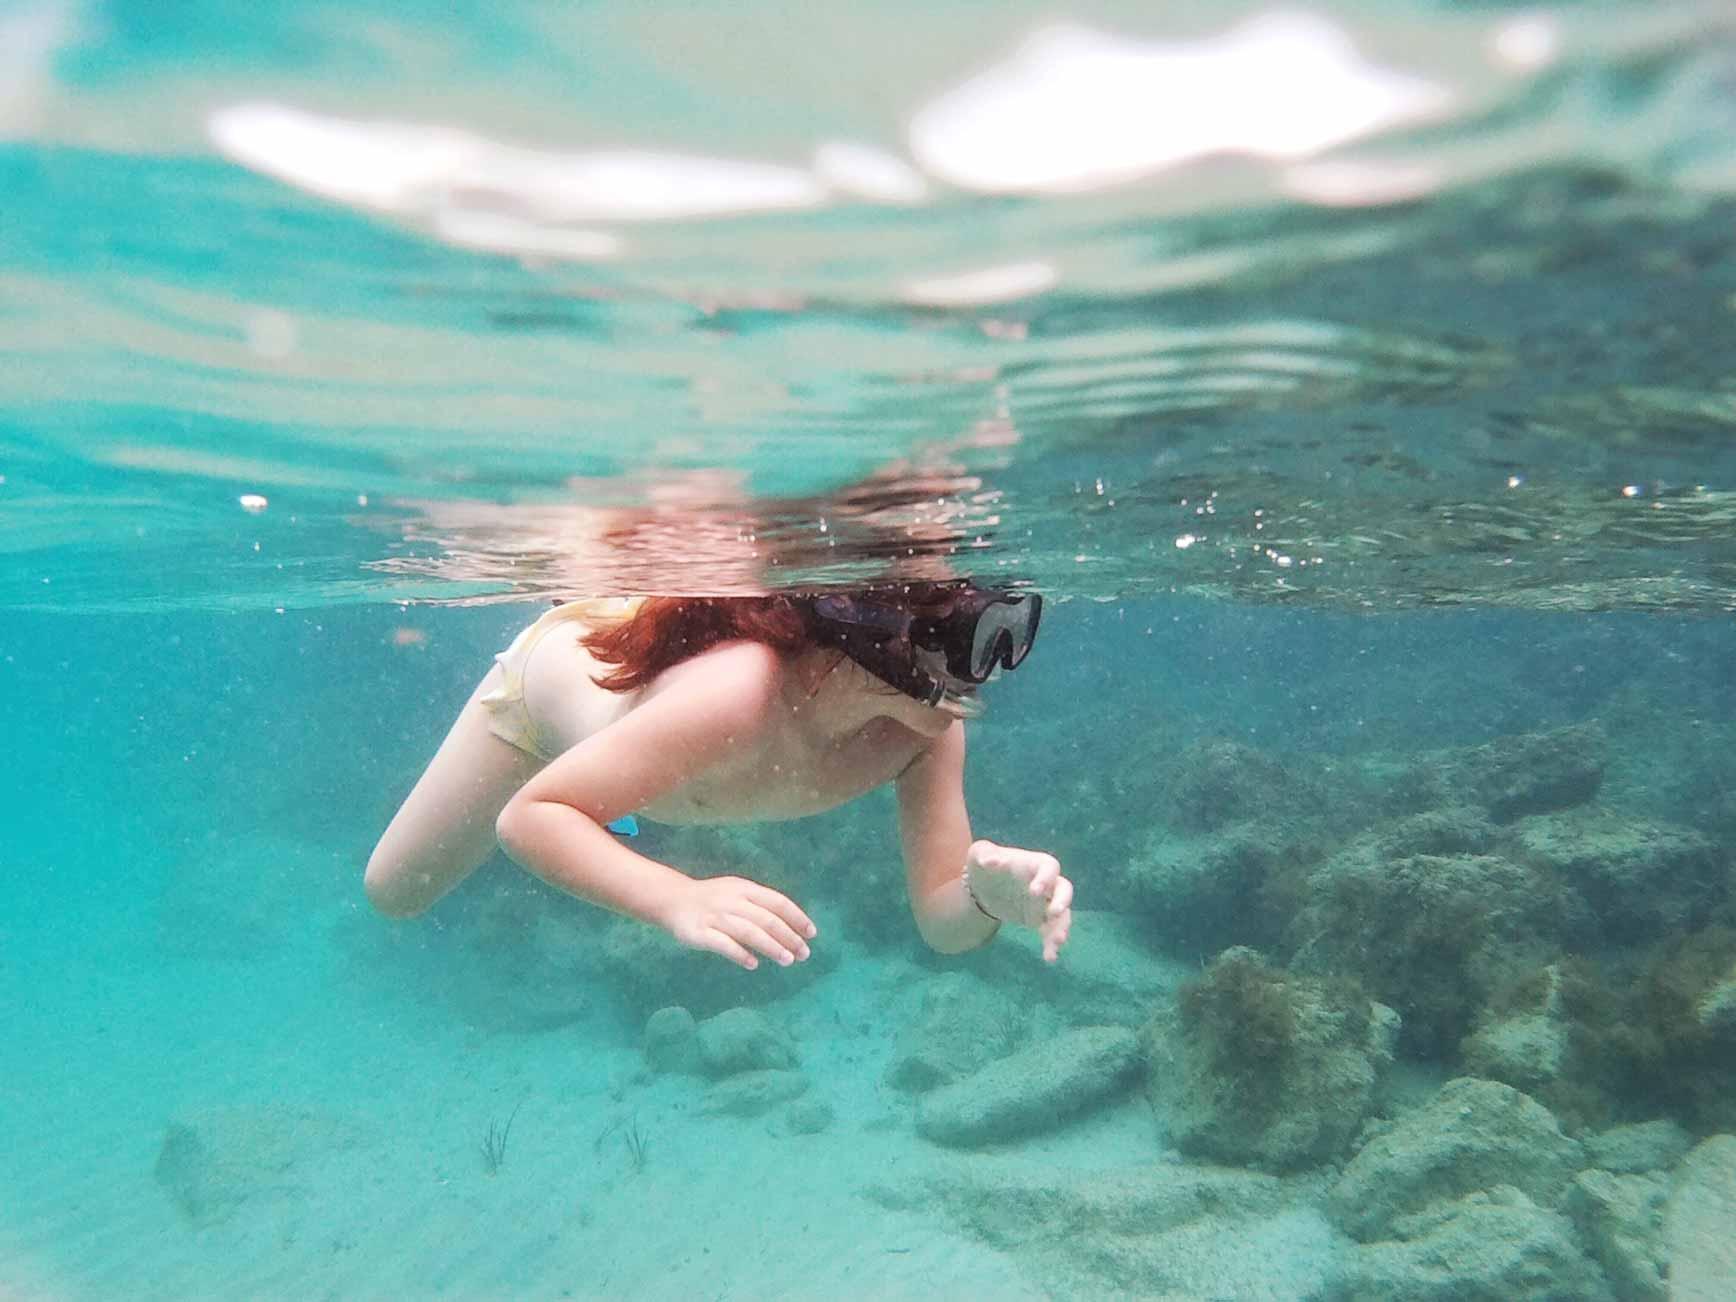 Fotos-bajo-agua-claraBmartin_07